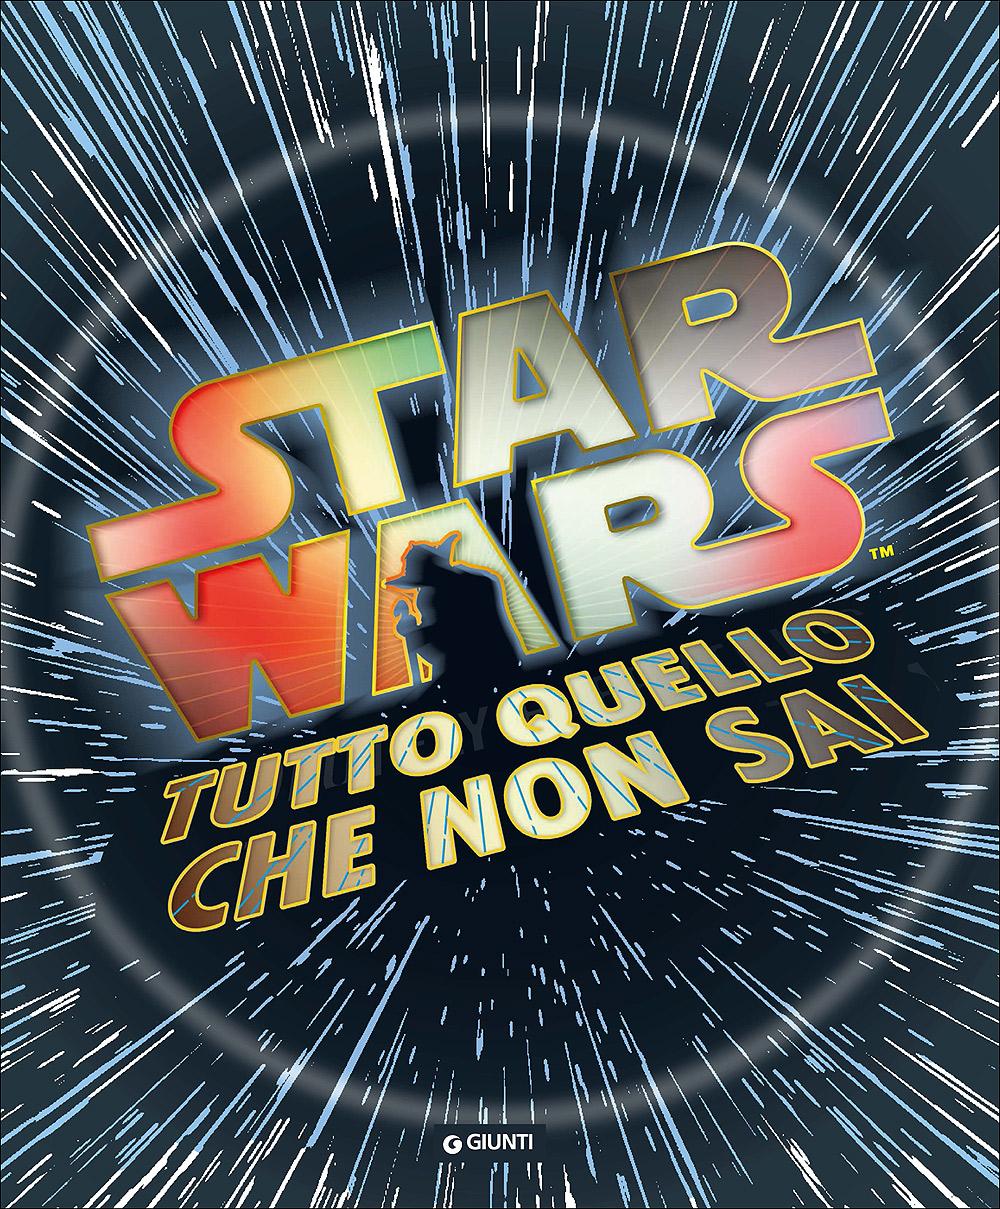 Enciclopedia dei Personaggi - Star Wars. Tutto quello che non sai